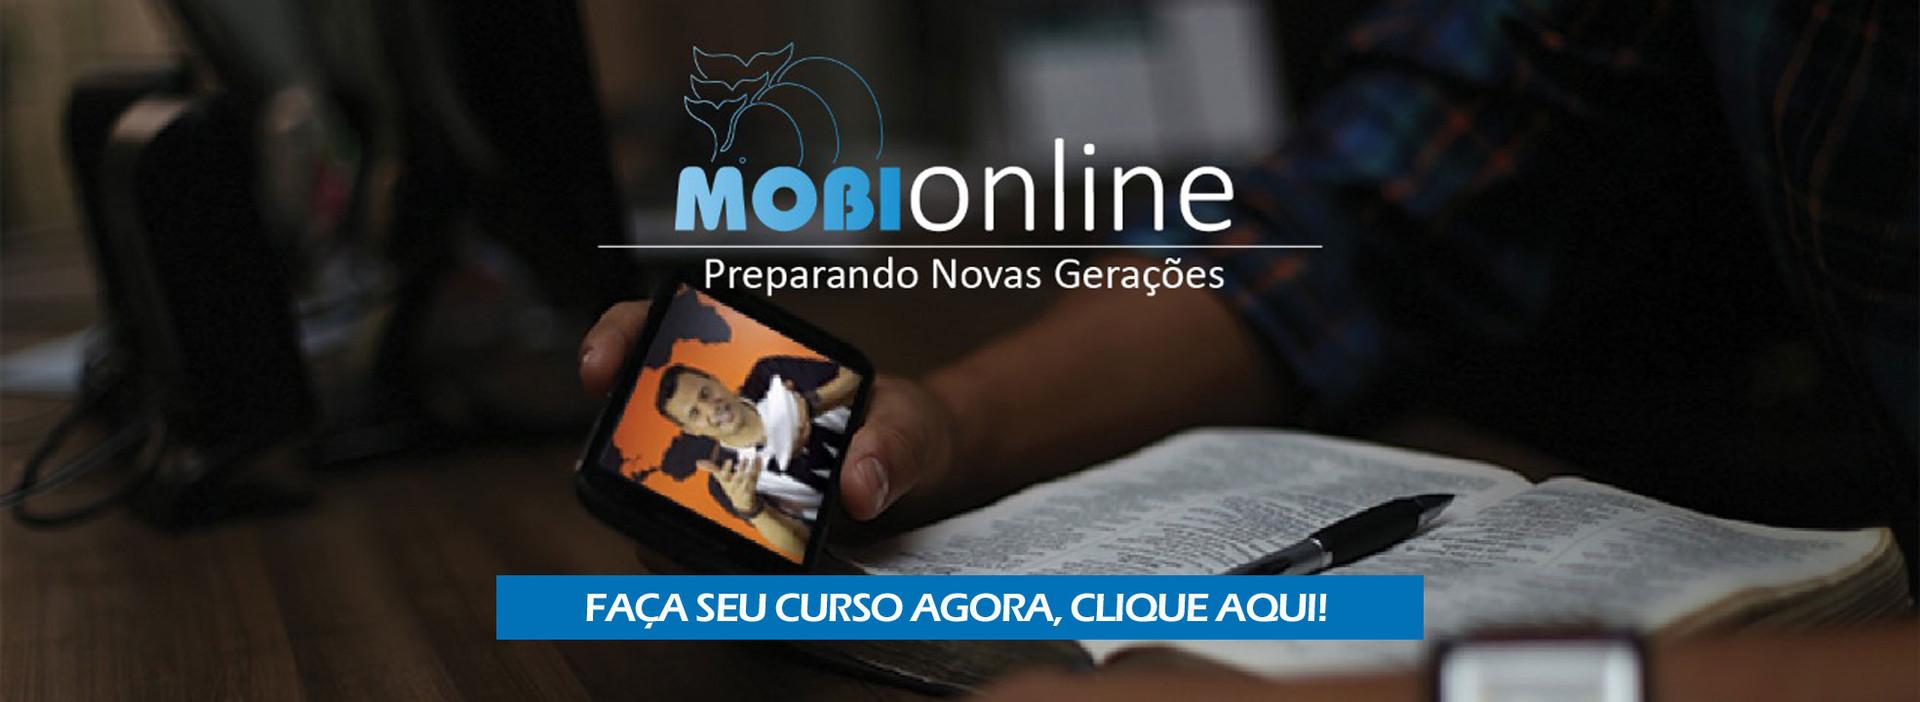 mobionline3.jpg